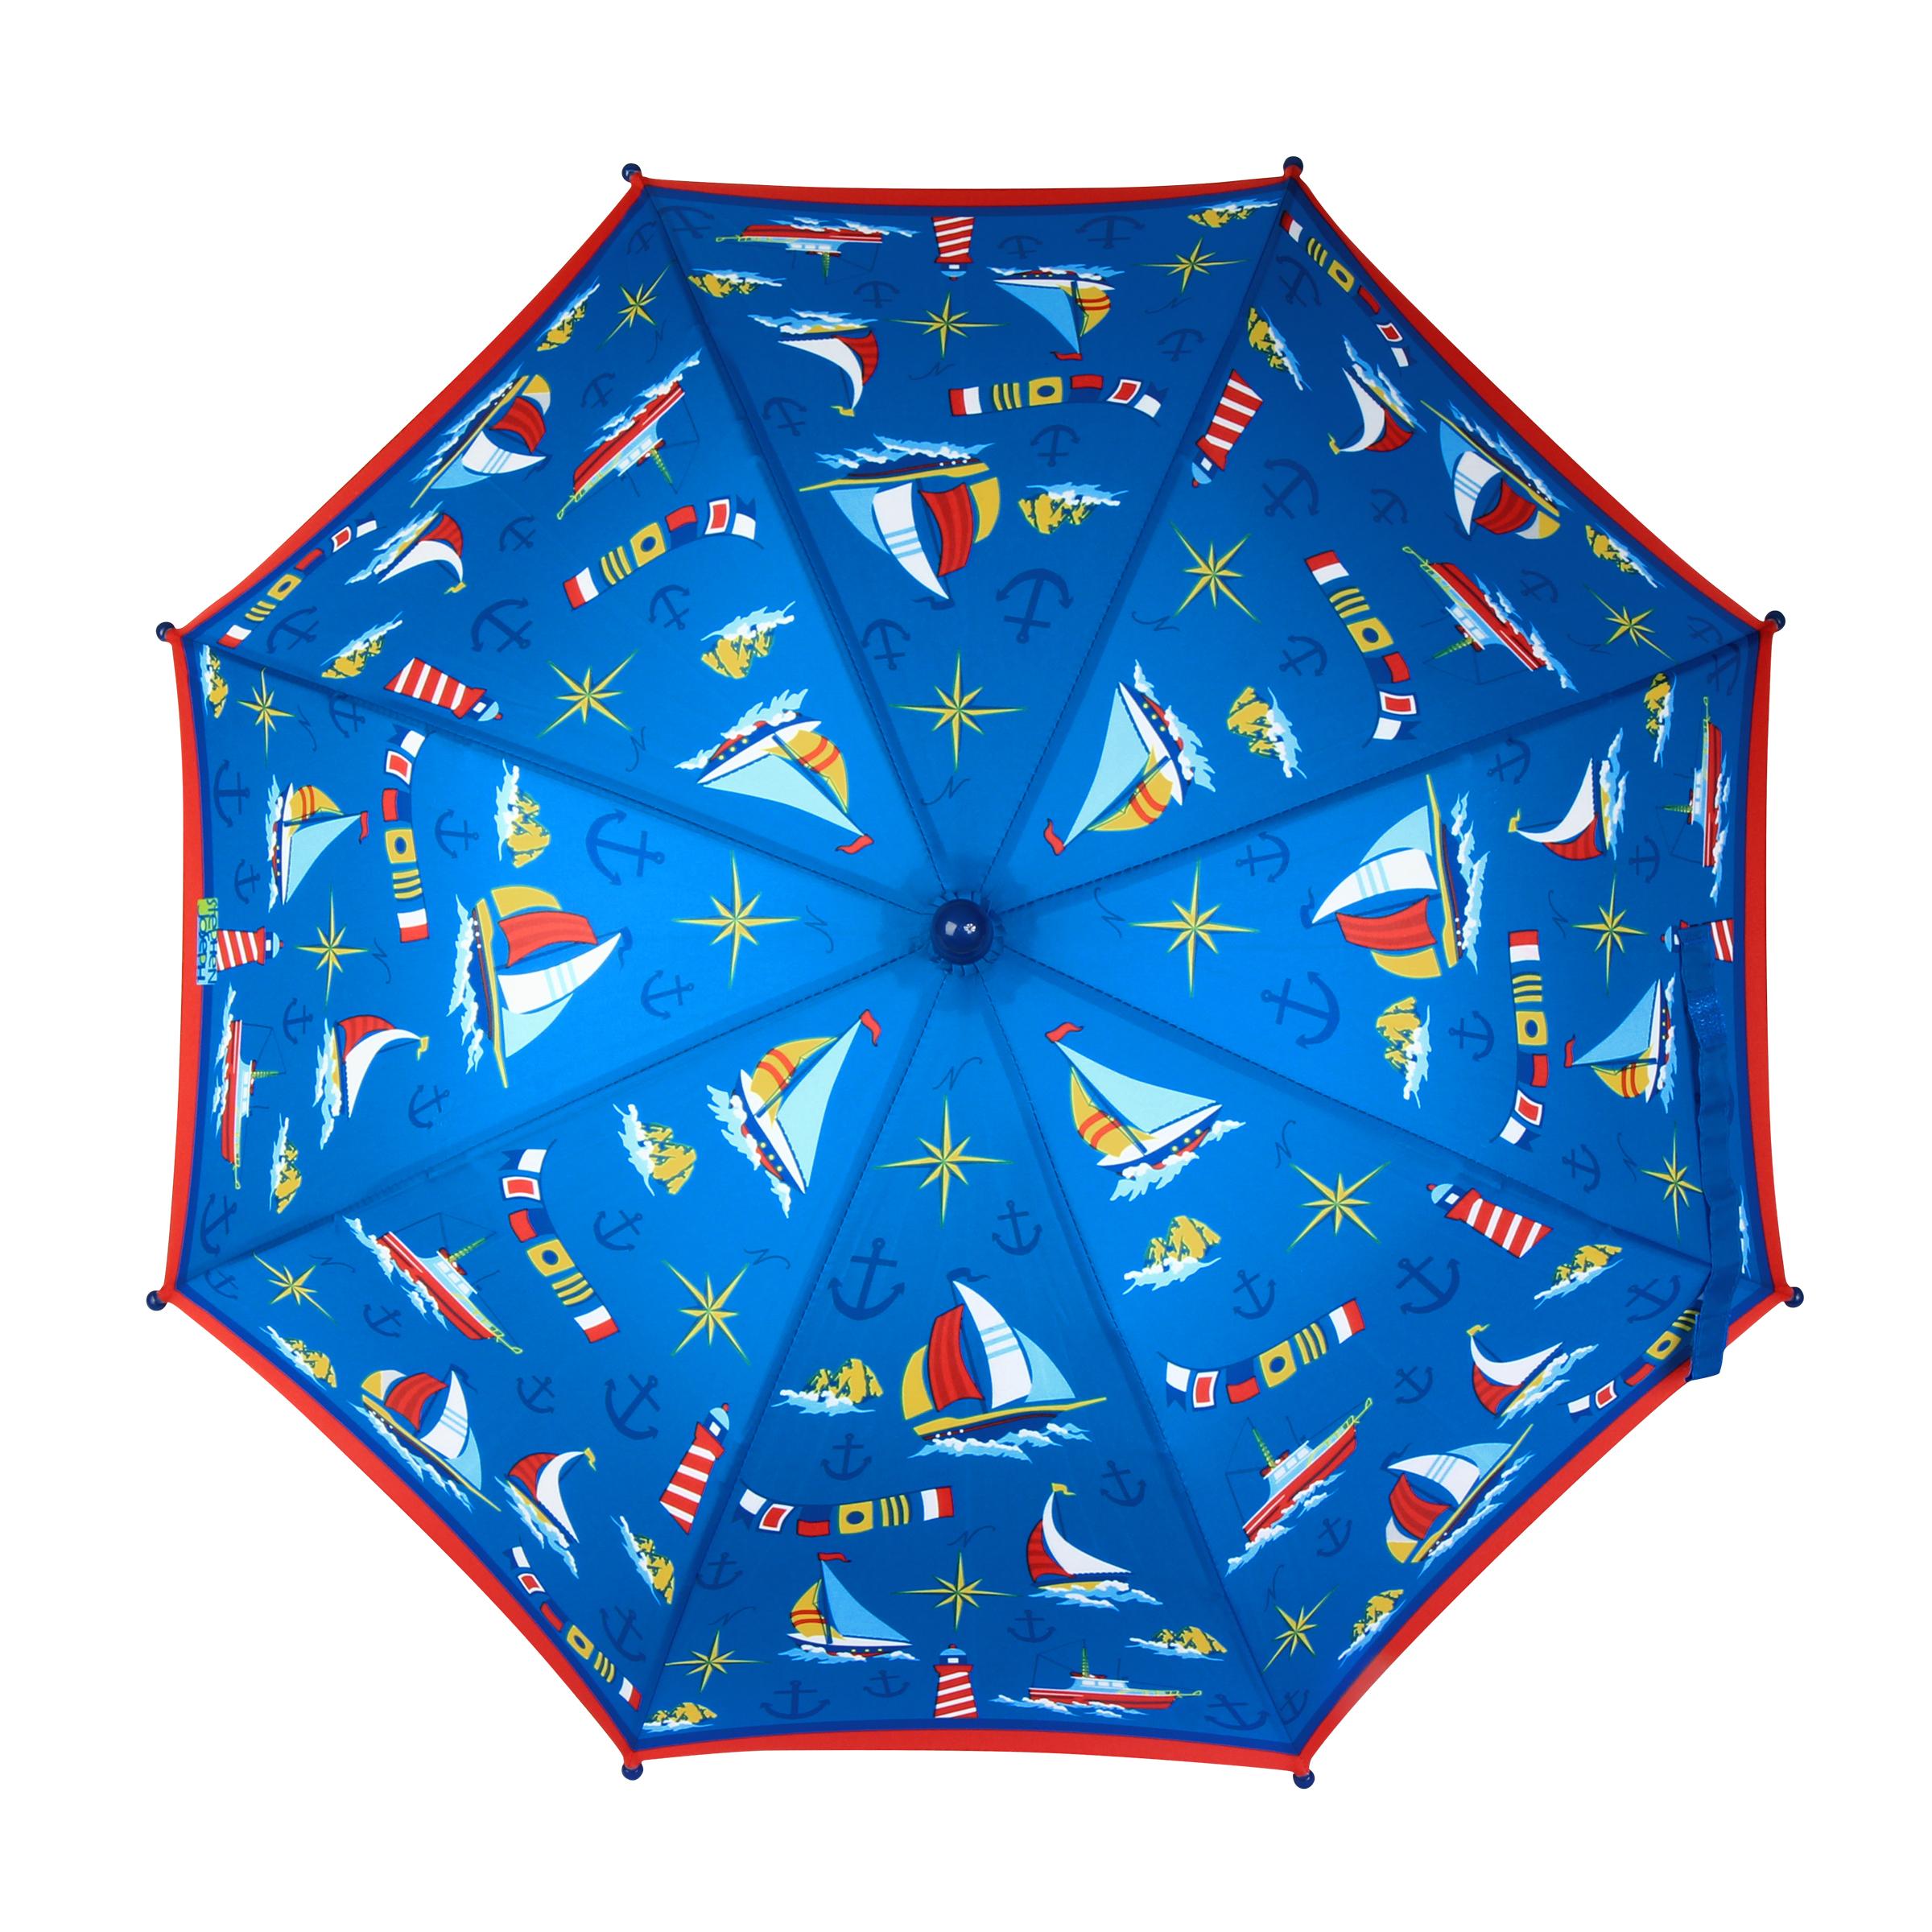 Stephen Joseph E7 Baby Toddler Boy Girl Rain Umbrella 27 ...